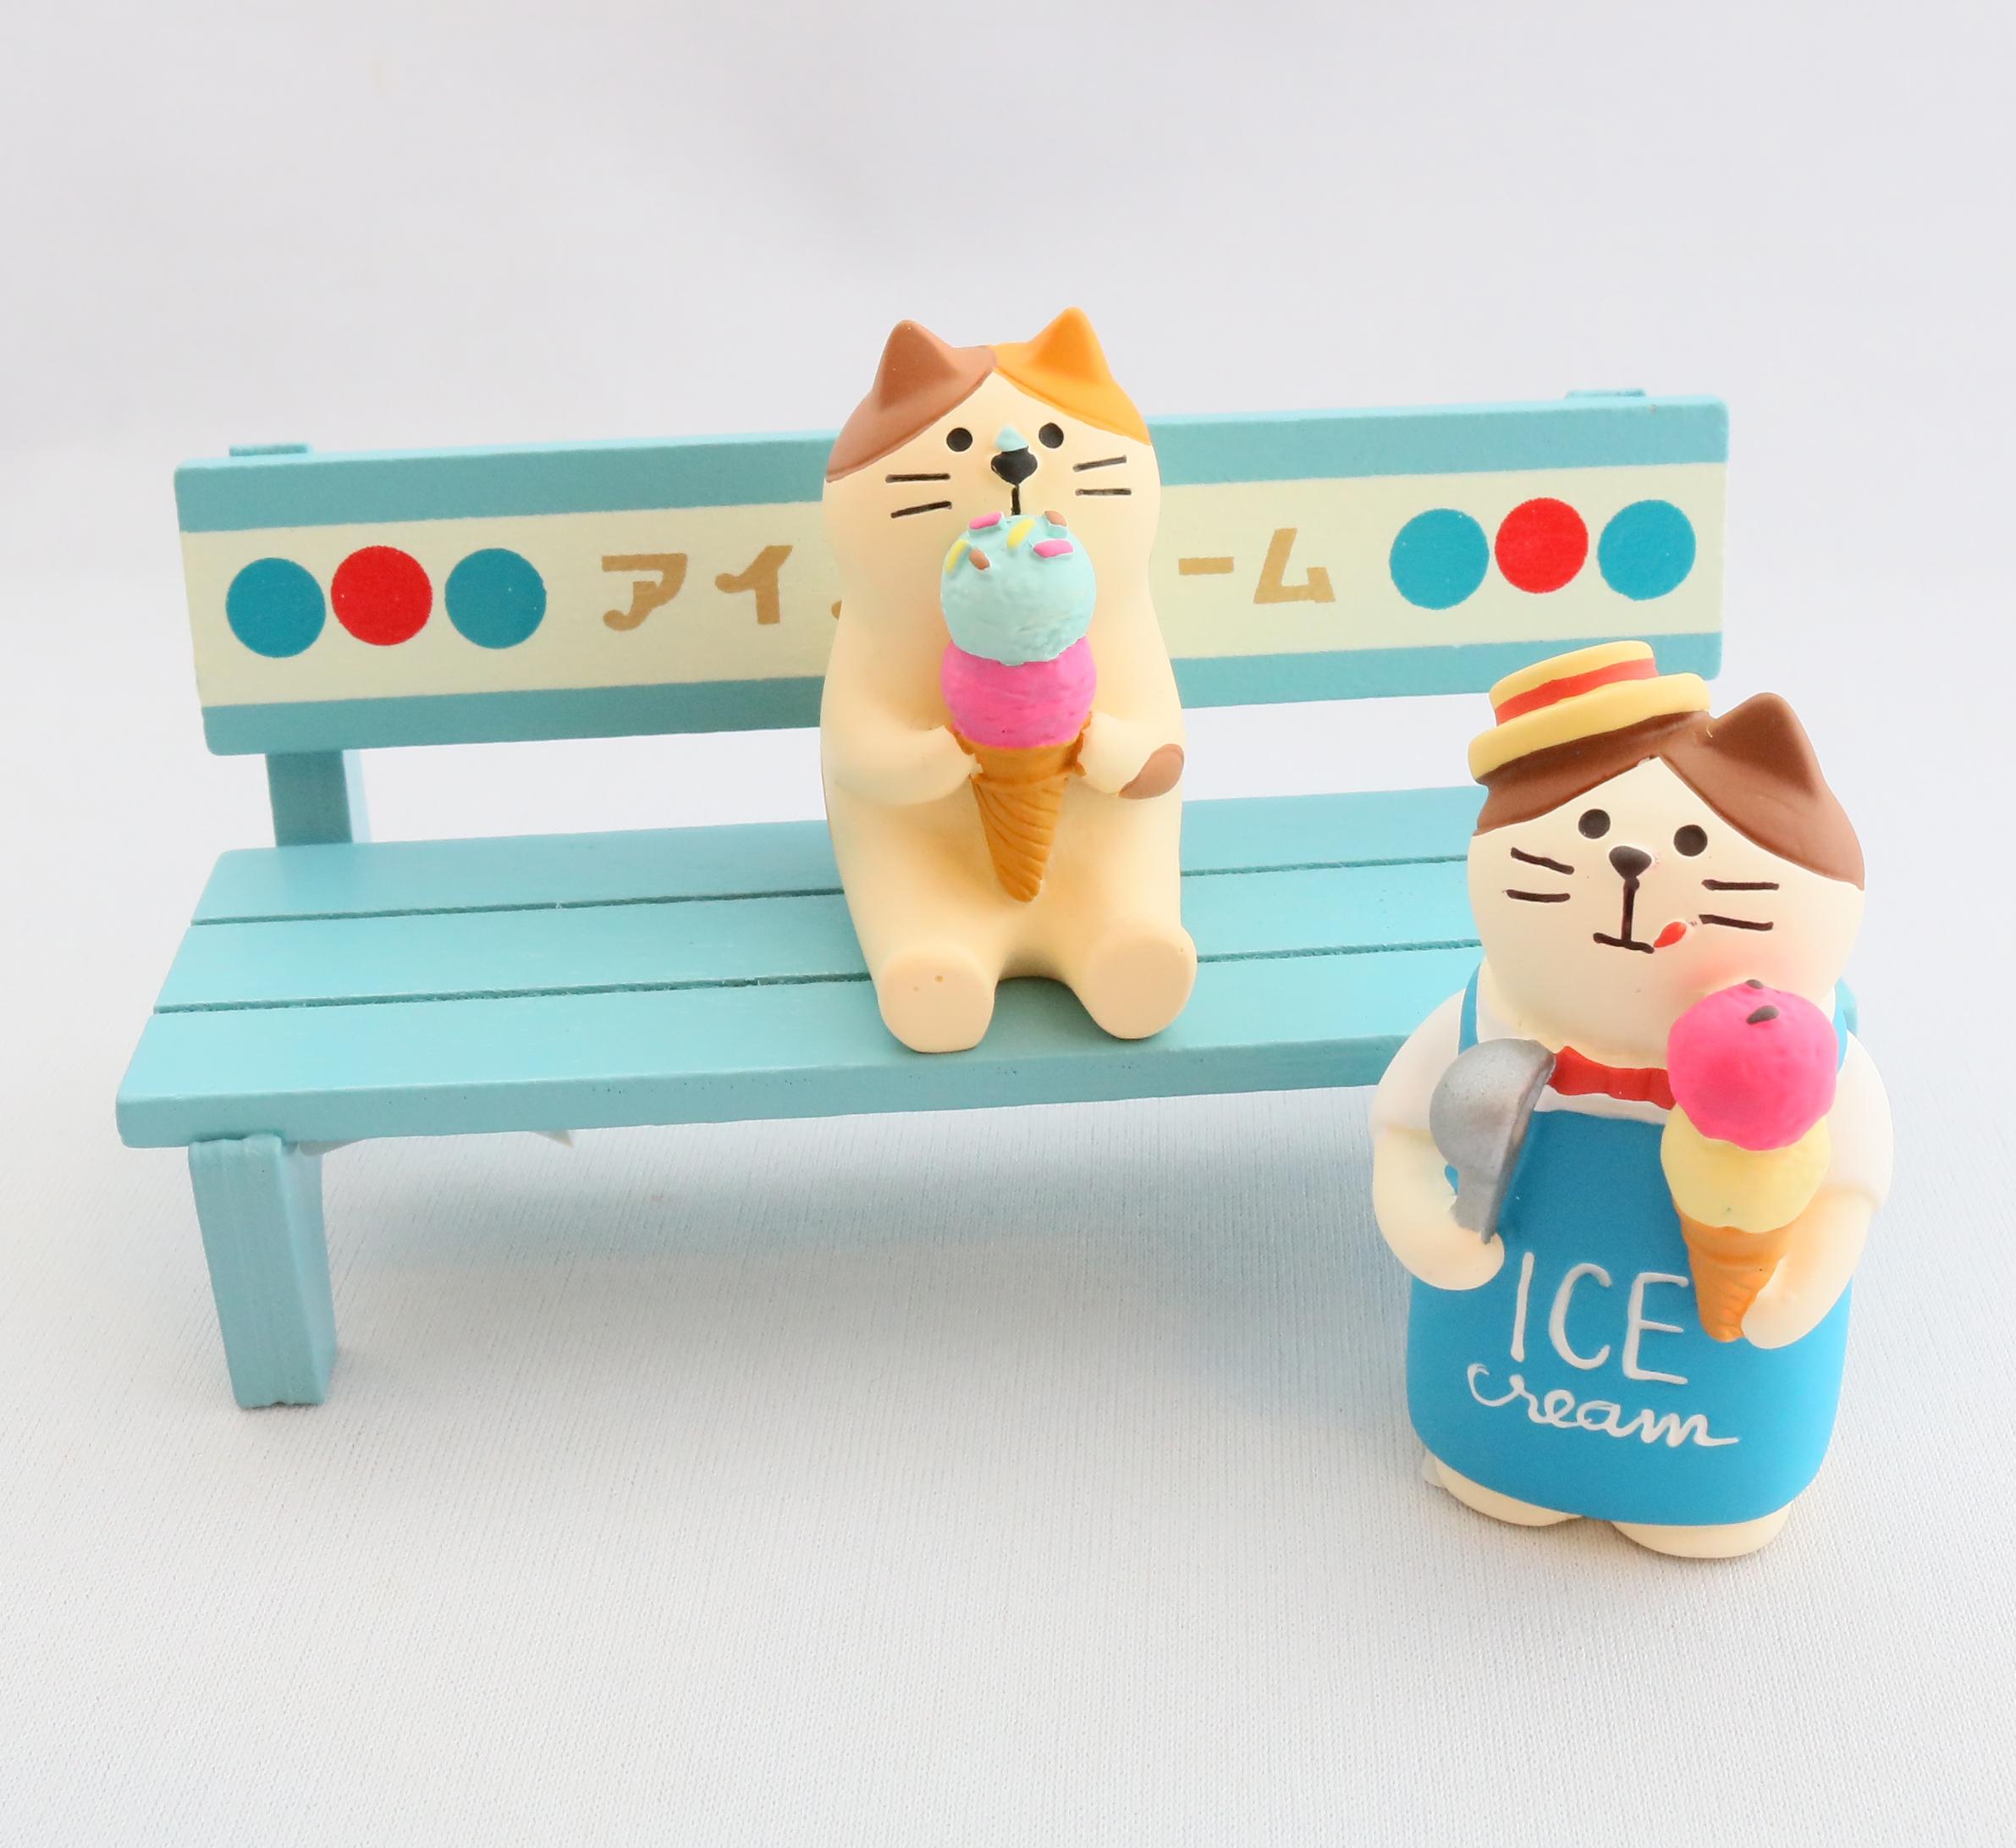 コンコンブル 秋田 猫雑貨 猫グッズ かぎしっぽ